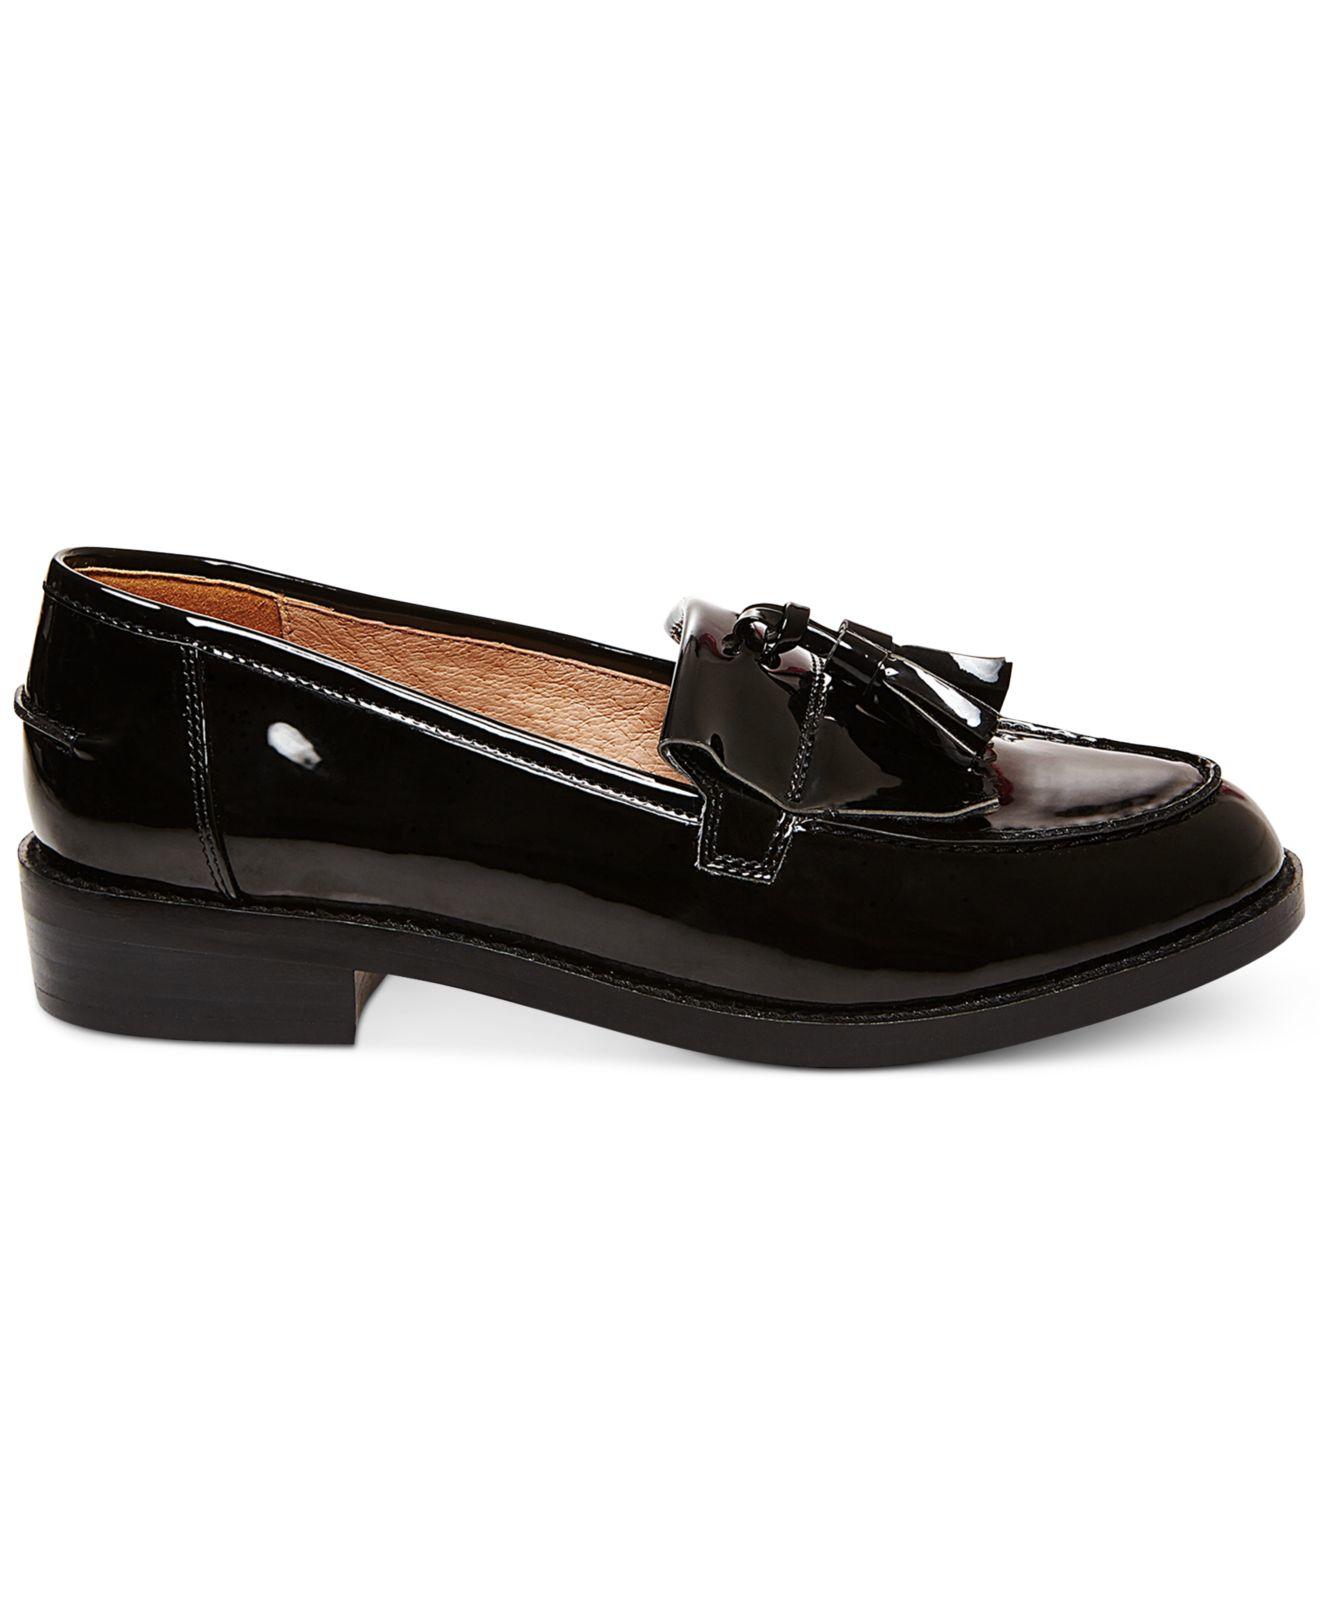 Steve madden Women's Meela Lug Tassel Loafer in Black | Lyst